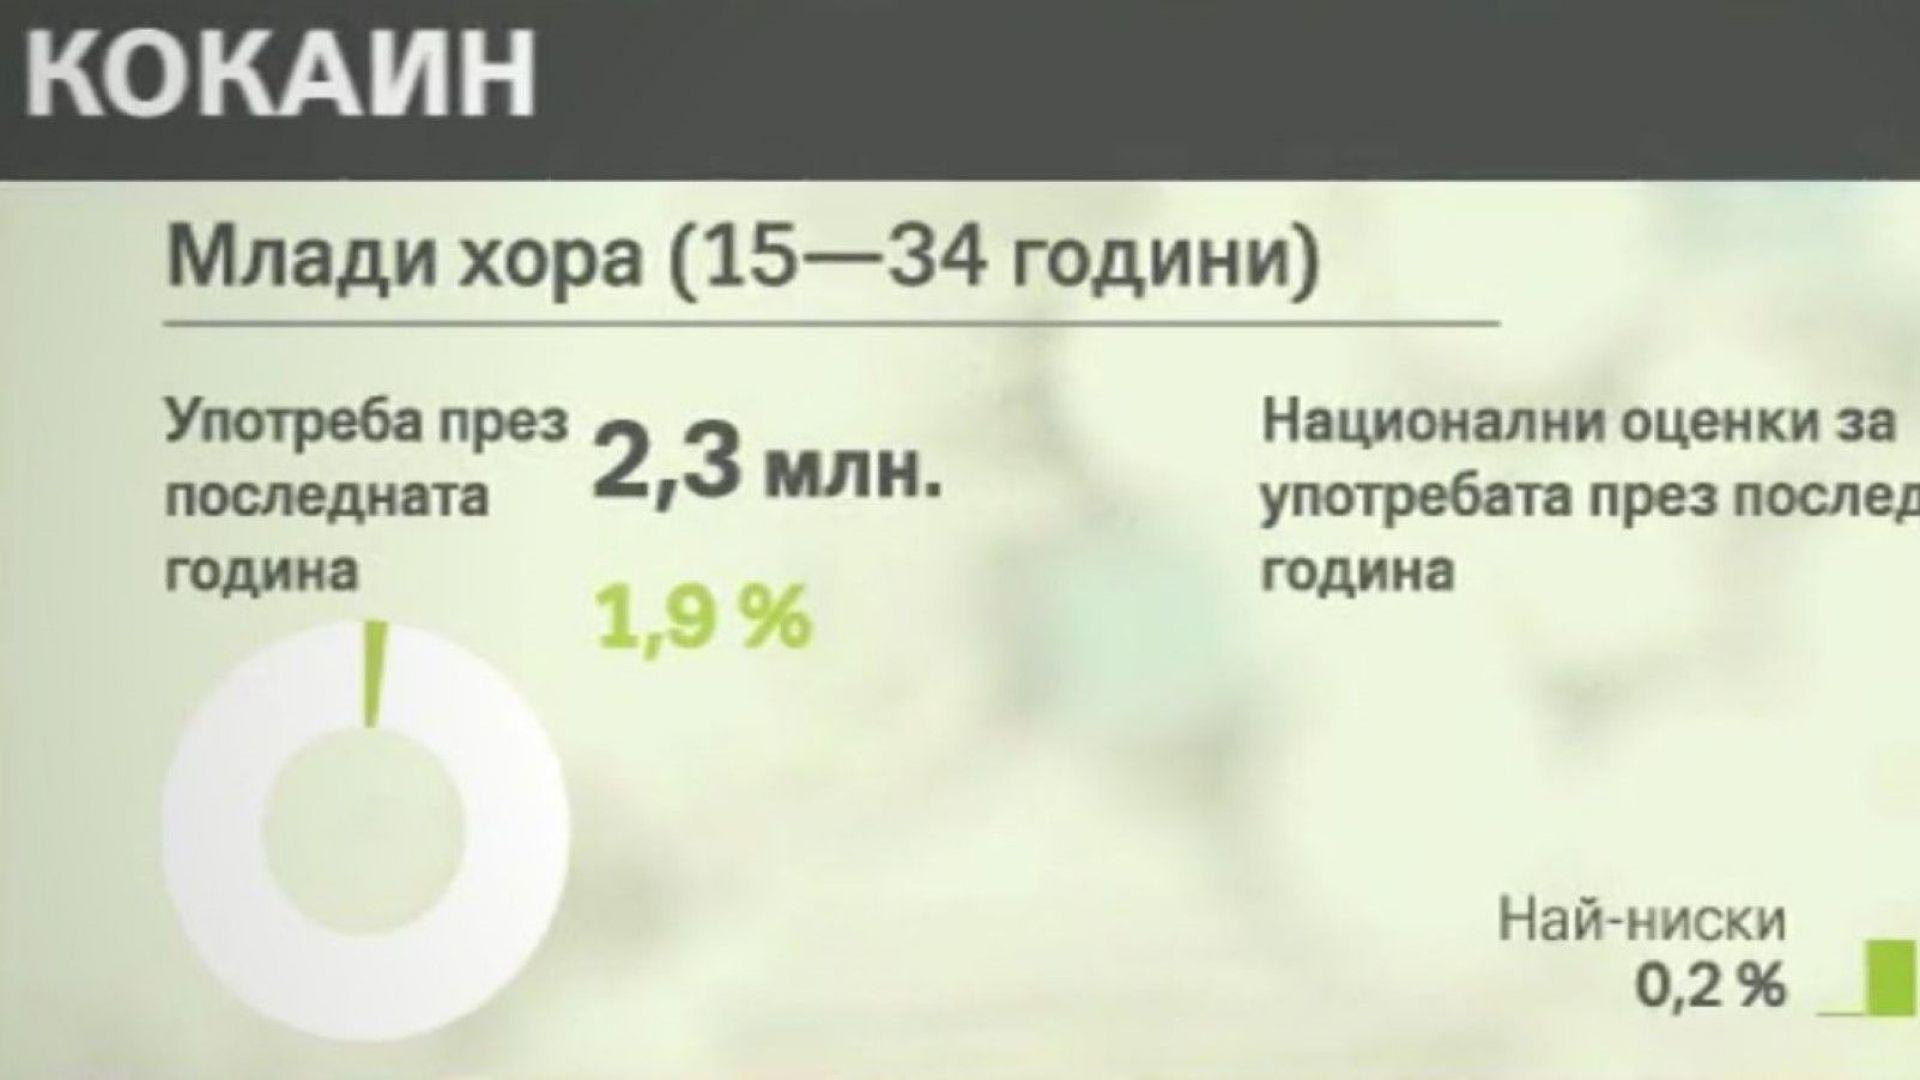 Все повече българи употребяват кокаин и екстази